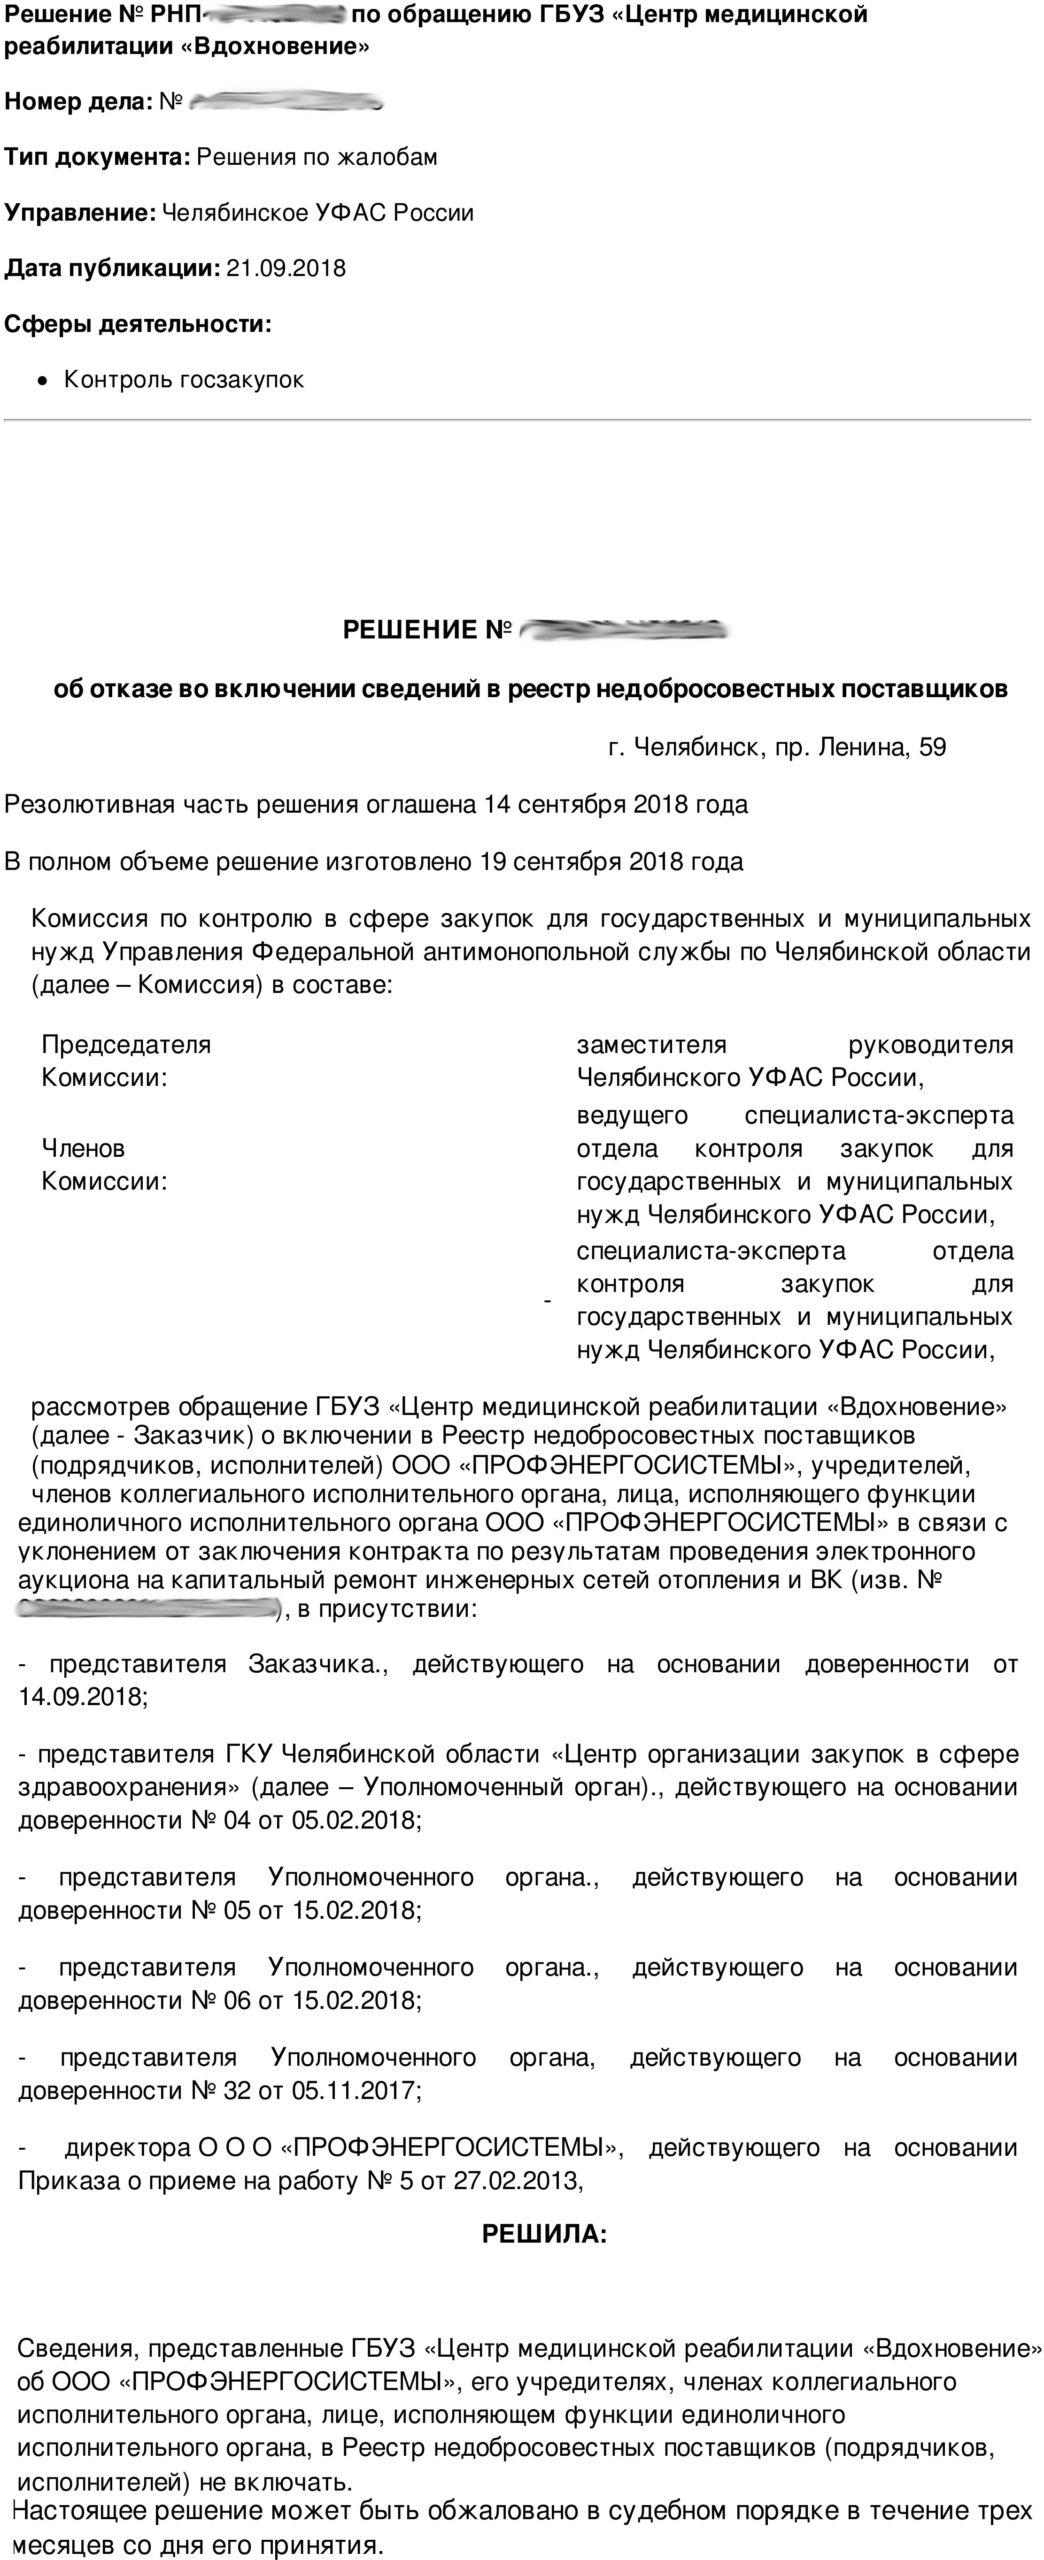 Челябинское УФАС профэнергосистемы решение